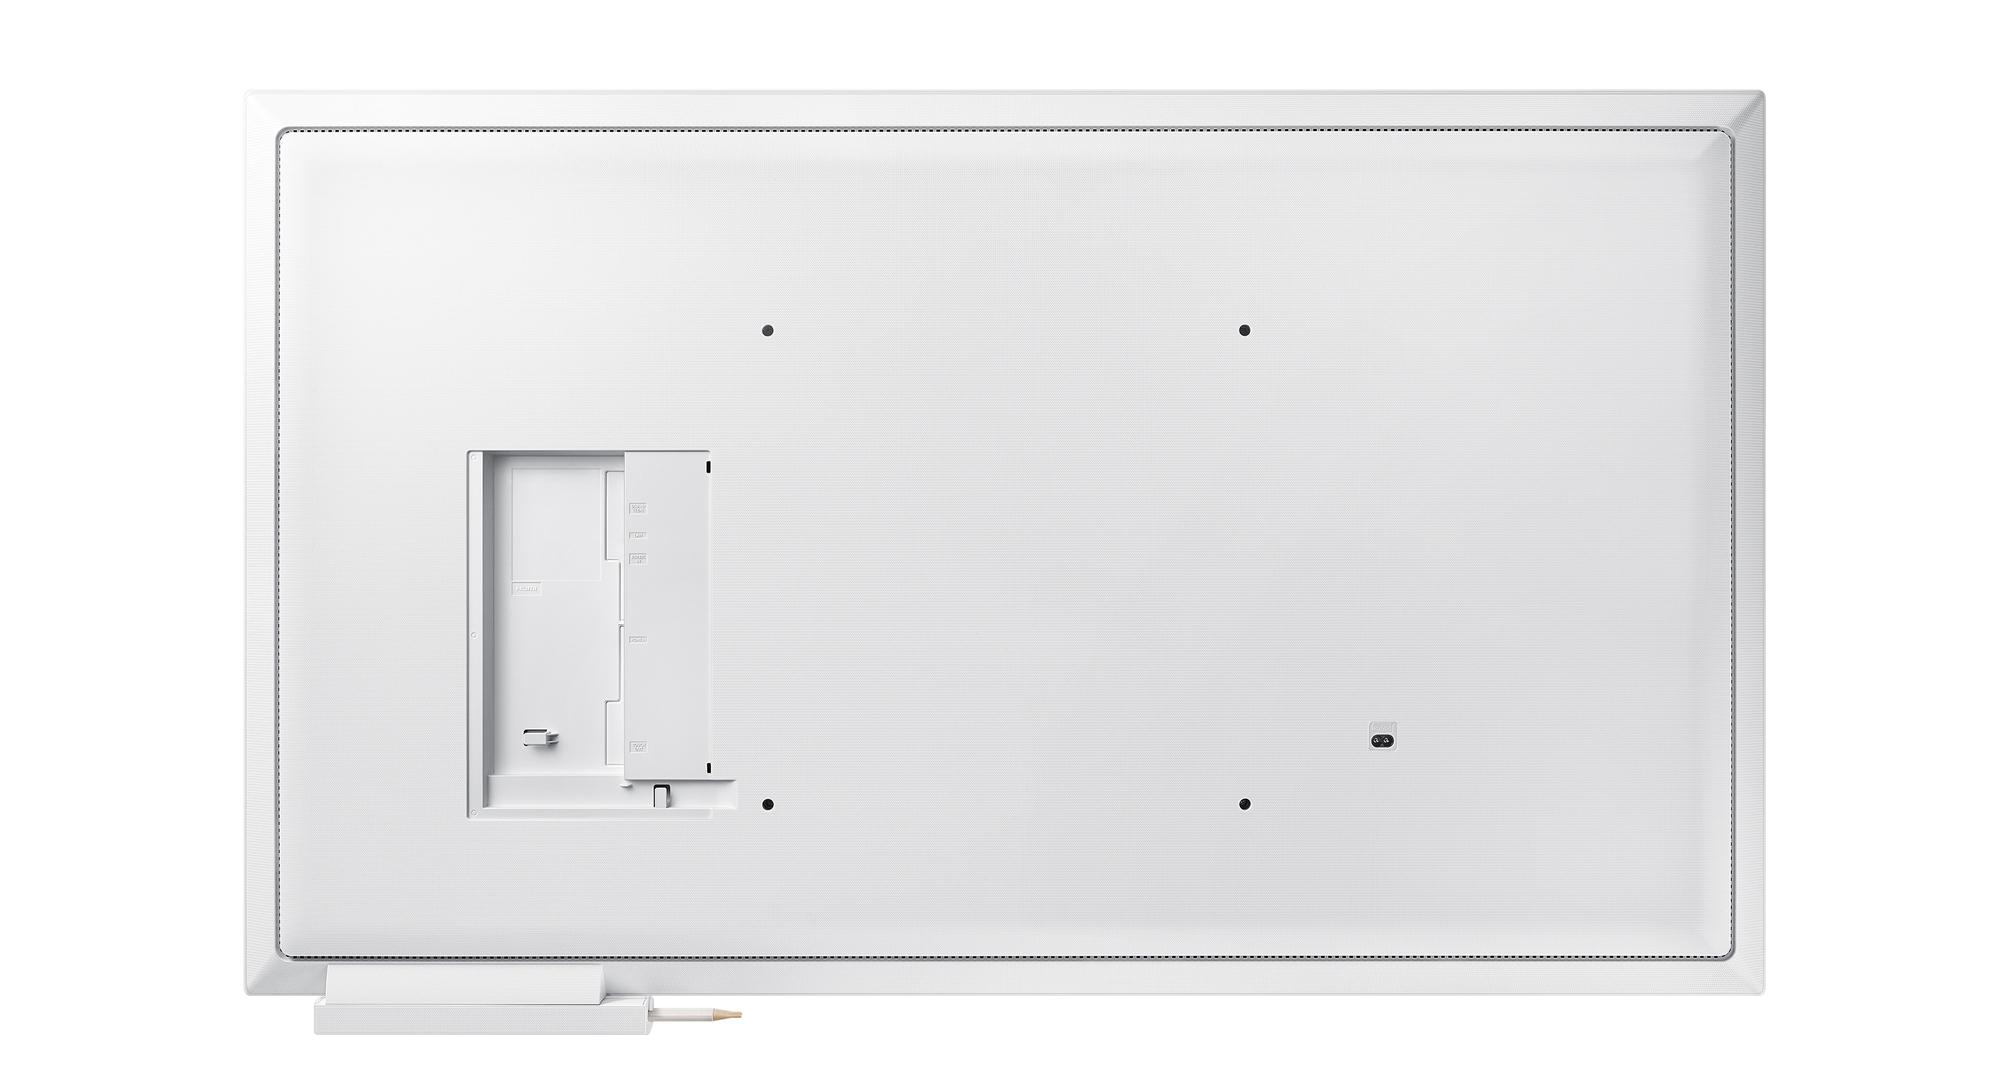 Samsung-Flip-LH55WMHPTWC-back-3.jpg